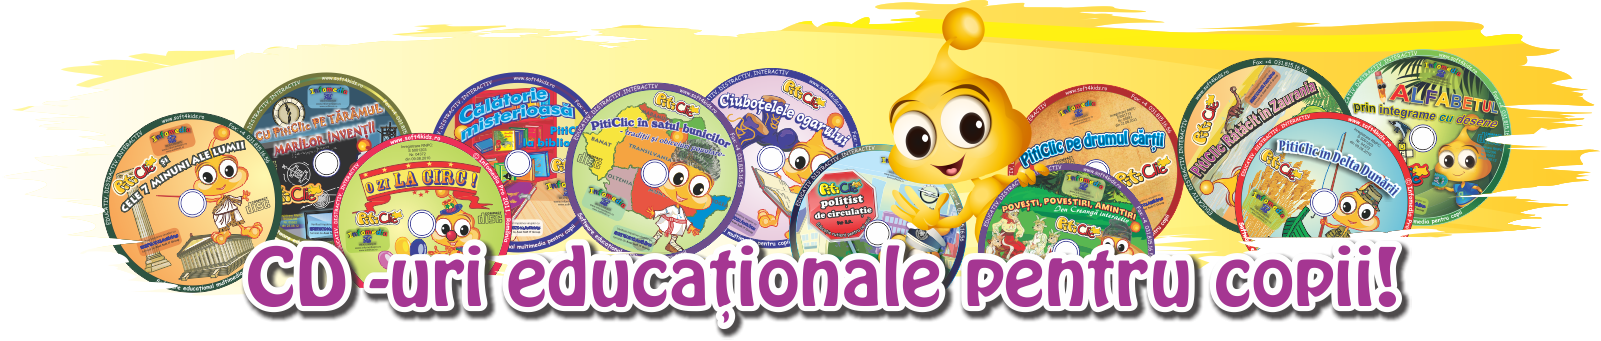 CD-uri educationale pentru copii